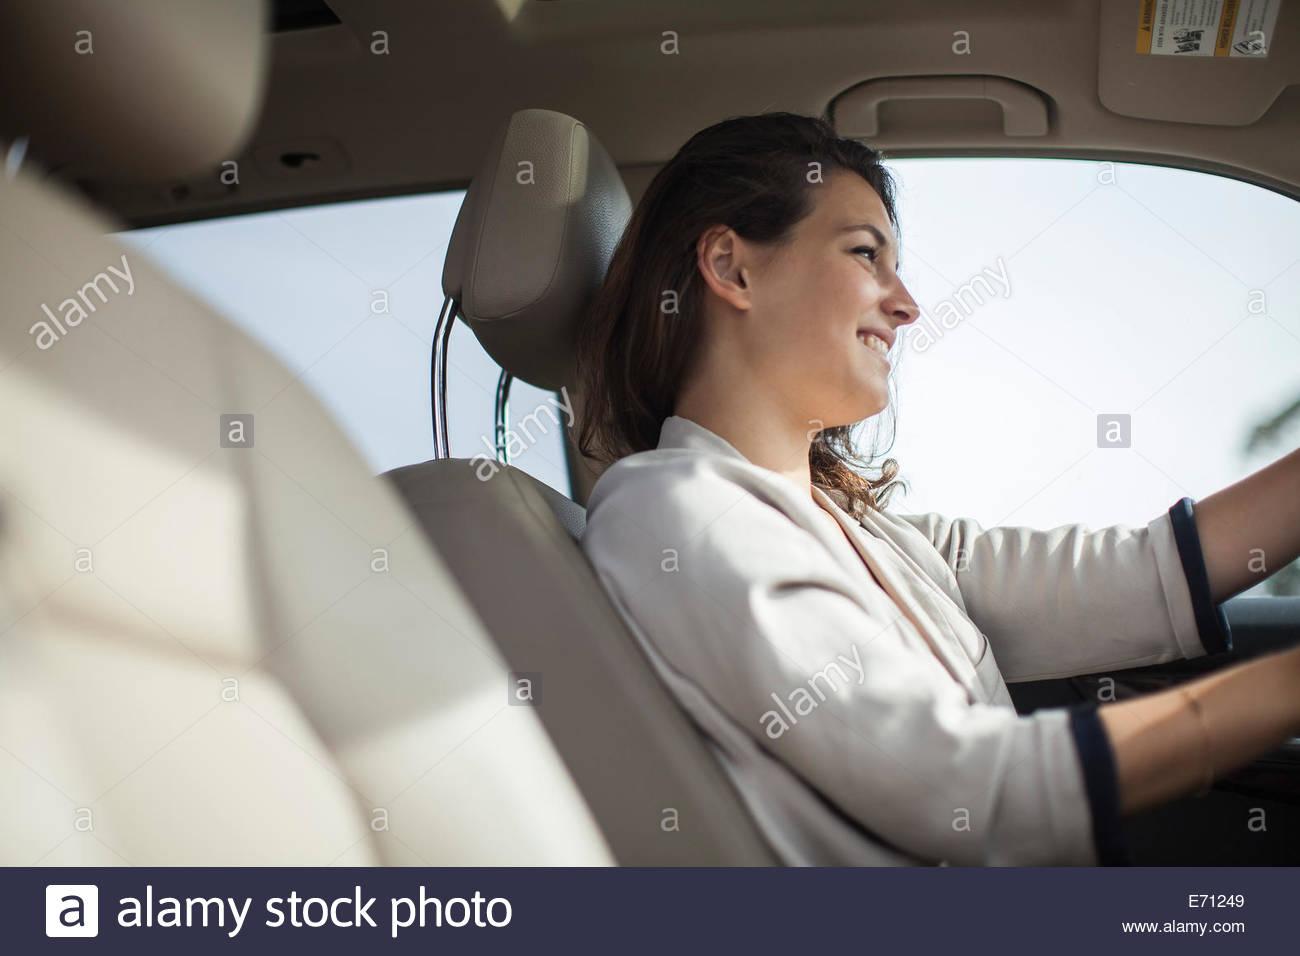 Femme à la roue de voiture Photo Stock